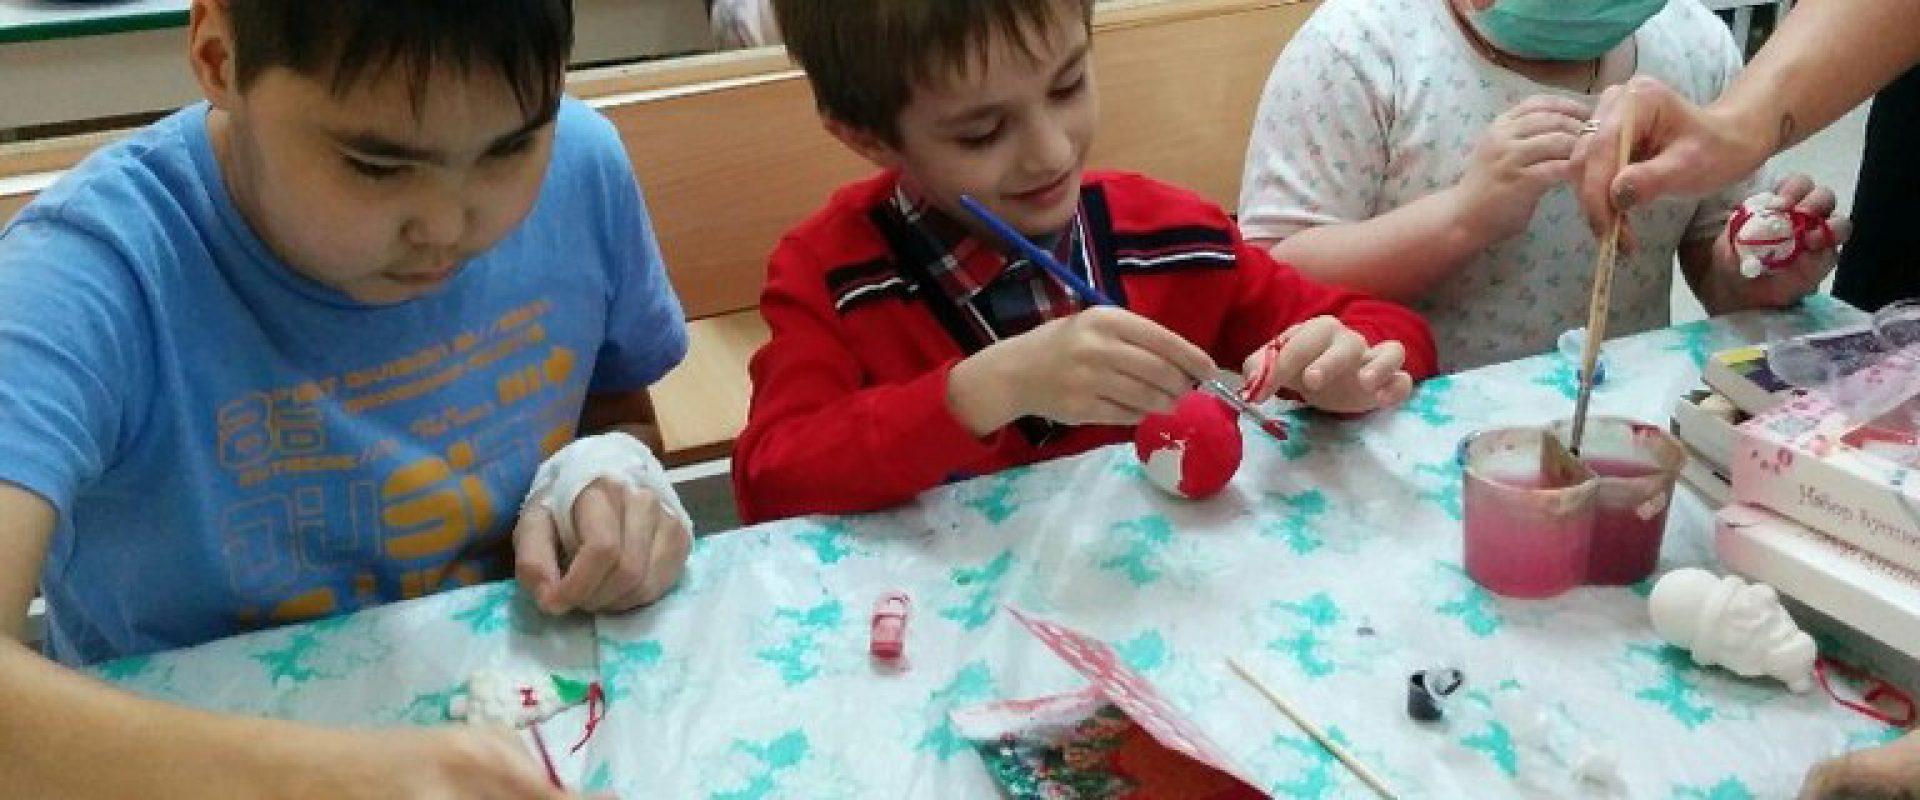 Волонтеры посещают детей в больнице